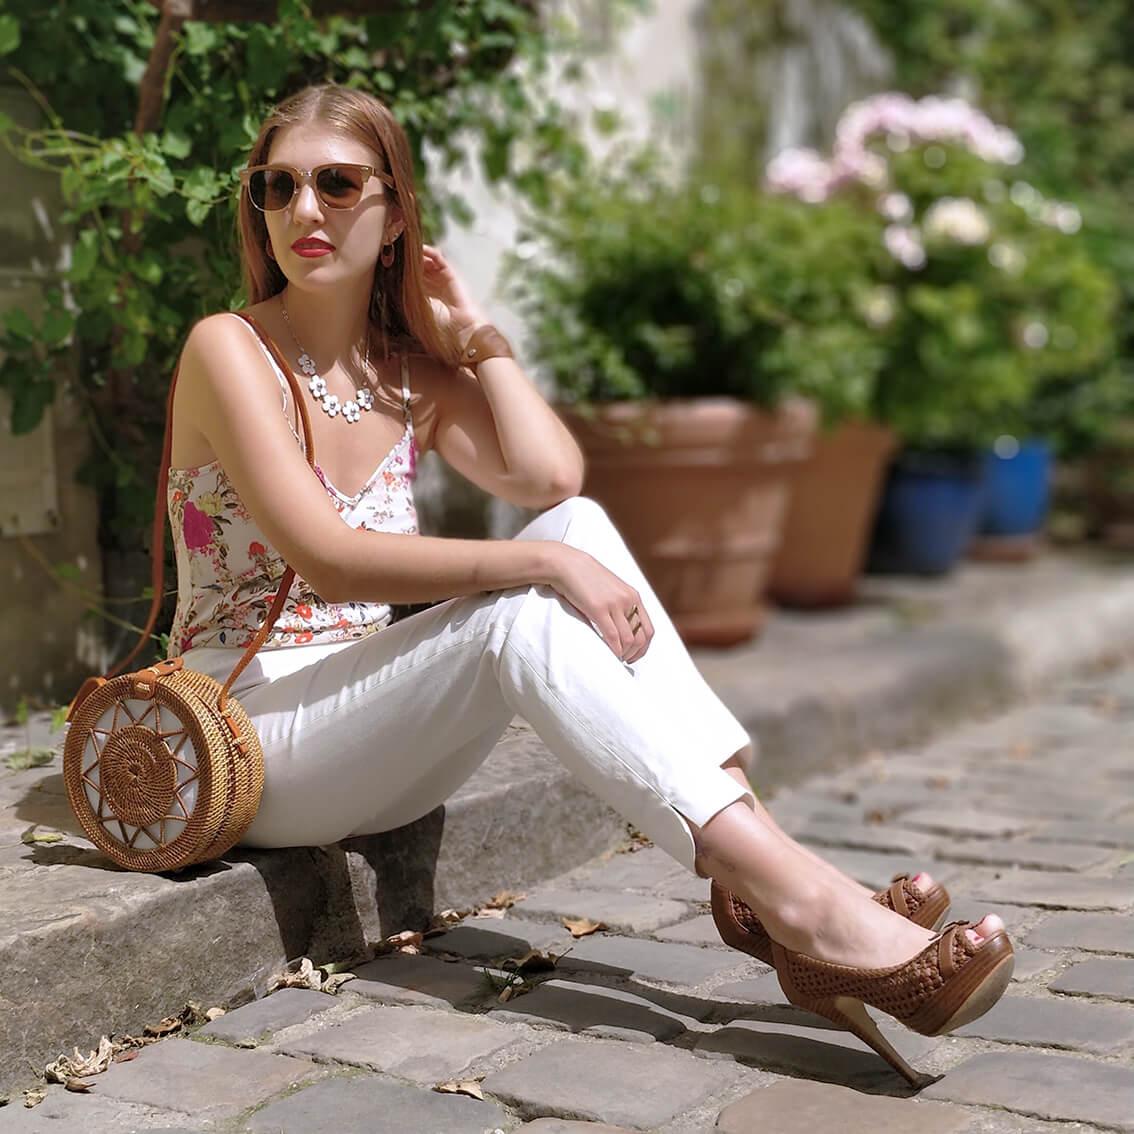 blog mode paris 19 janvier pantalon blanc tenue - De la verdure et du soleil